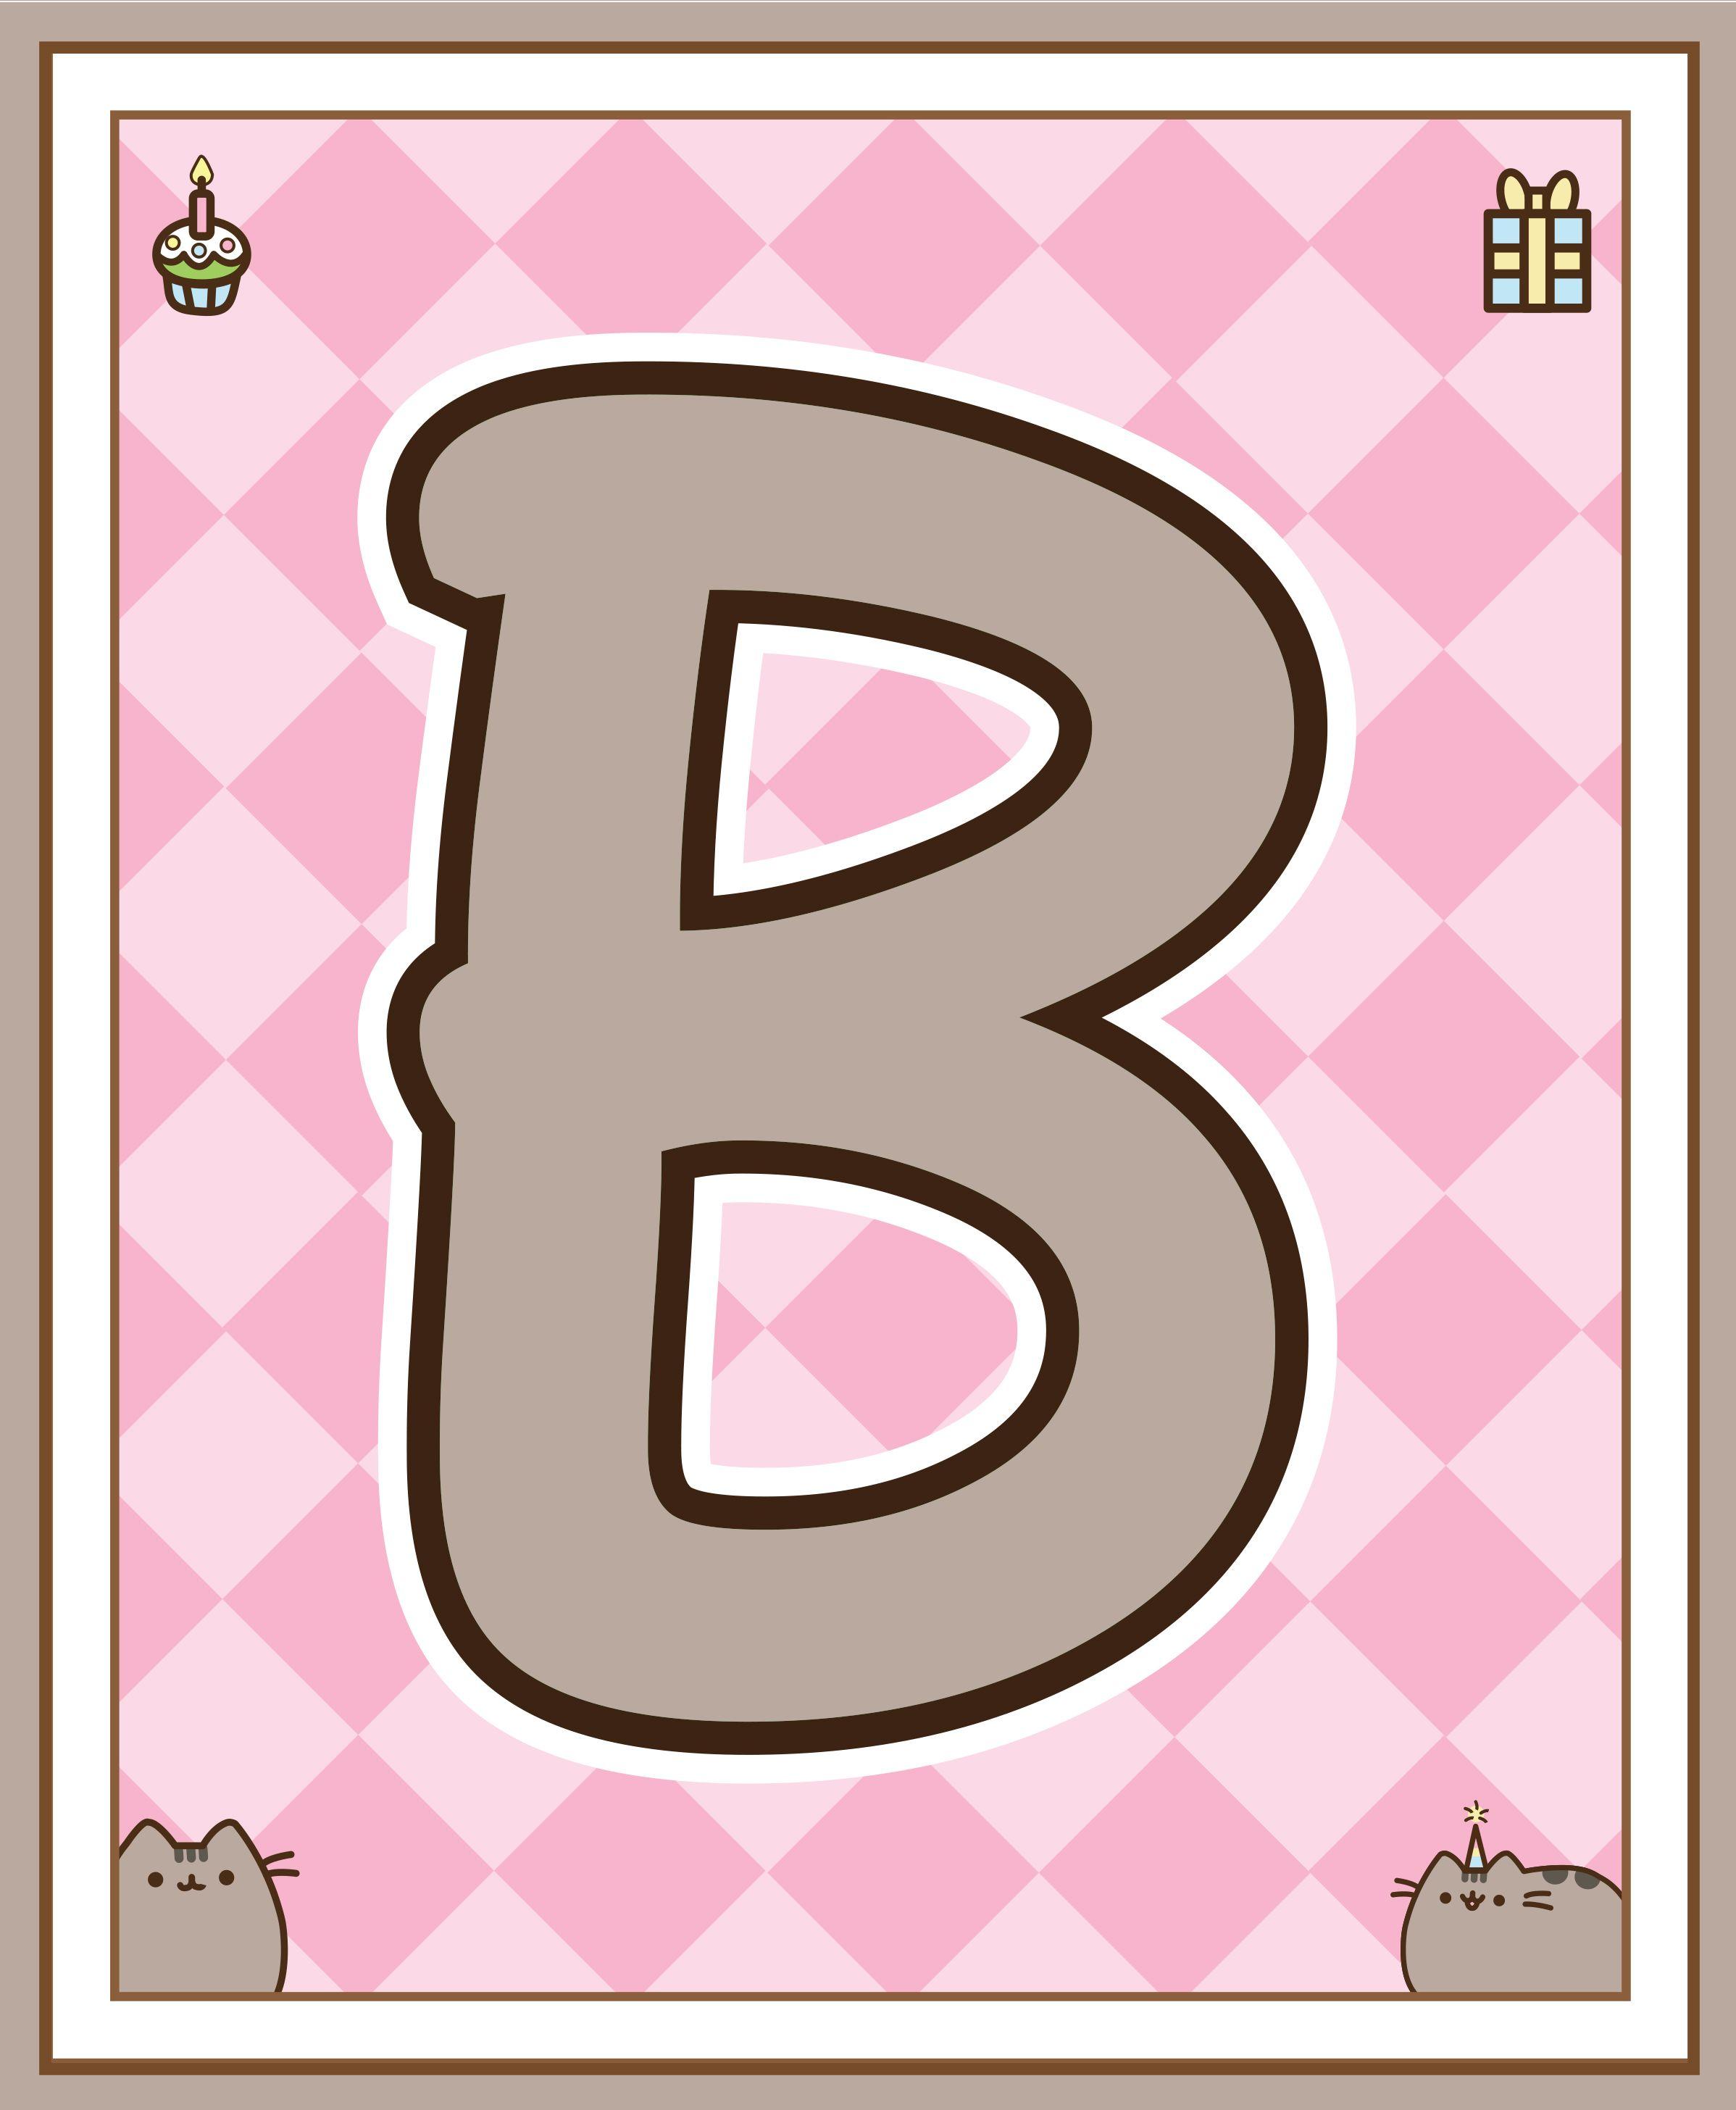 buchstabe  letter b  lettern buchstaben katzen